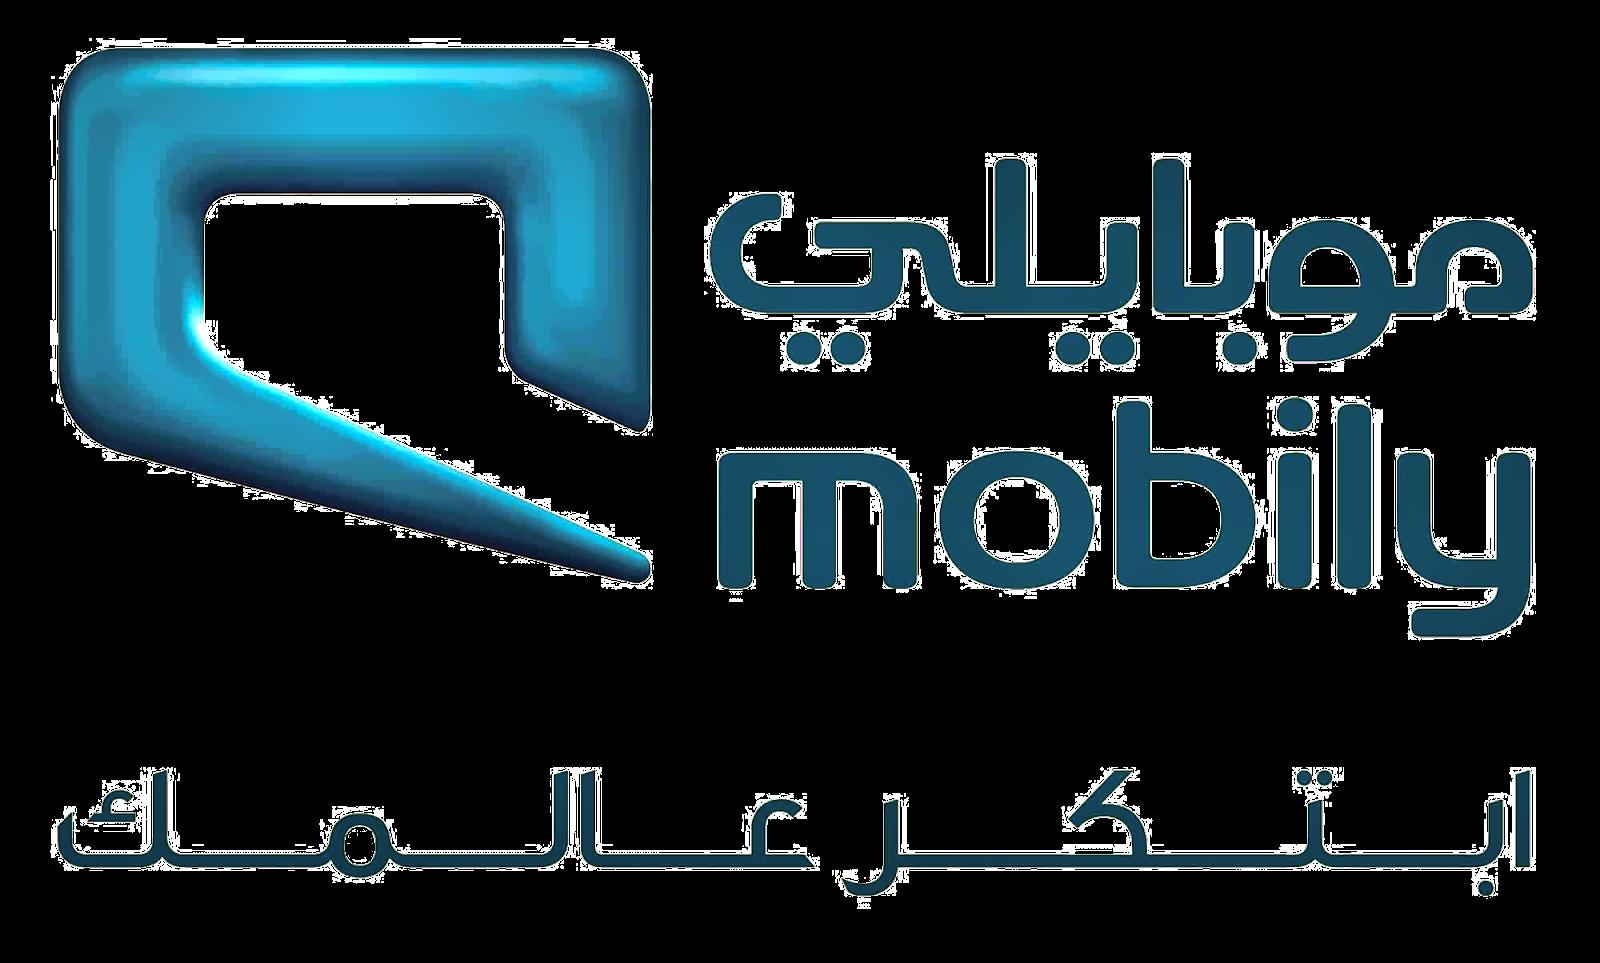 طريقة تحويل الرصيد موبايلي طريقة تحويل الرصيد موبايلي كيف تحويل الرصيد موبايلي طريقة تحويل الرصيد موبايلي قب Gaming Logos Nintendo Wii Logo Wii